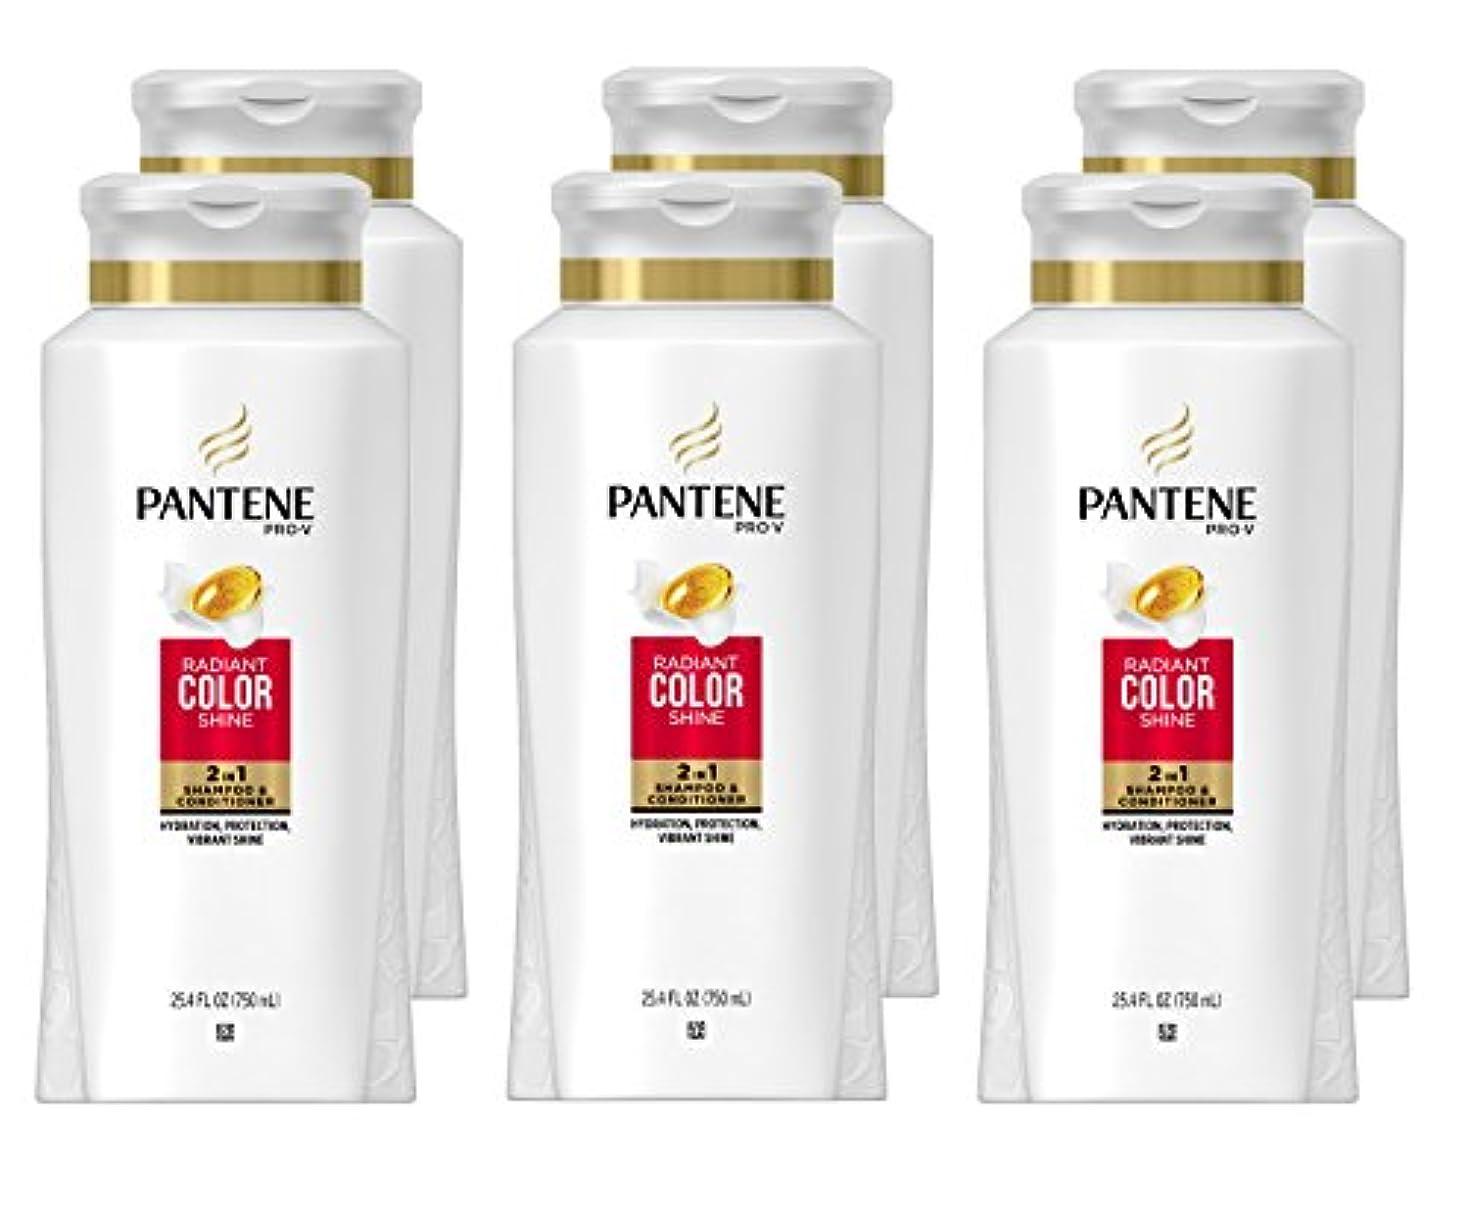 テニス敬意起きろPantene プロVラディアン色1シャンプー&コンディショナー、25.4液量オンスで磨き2(6パック)(梱包異なる場合があります)